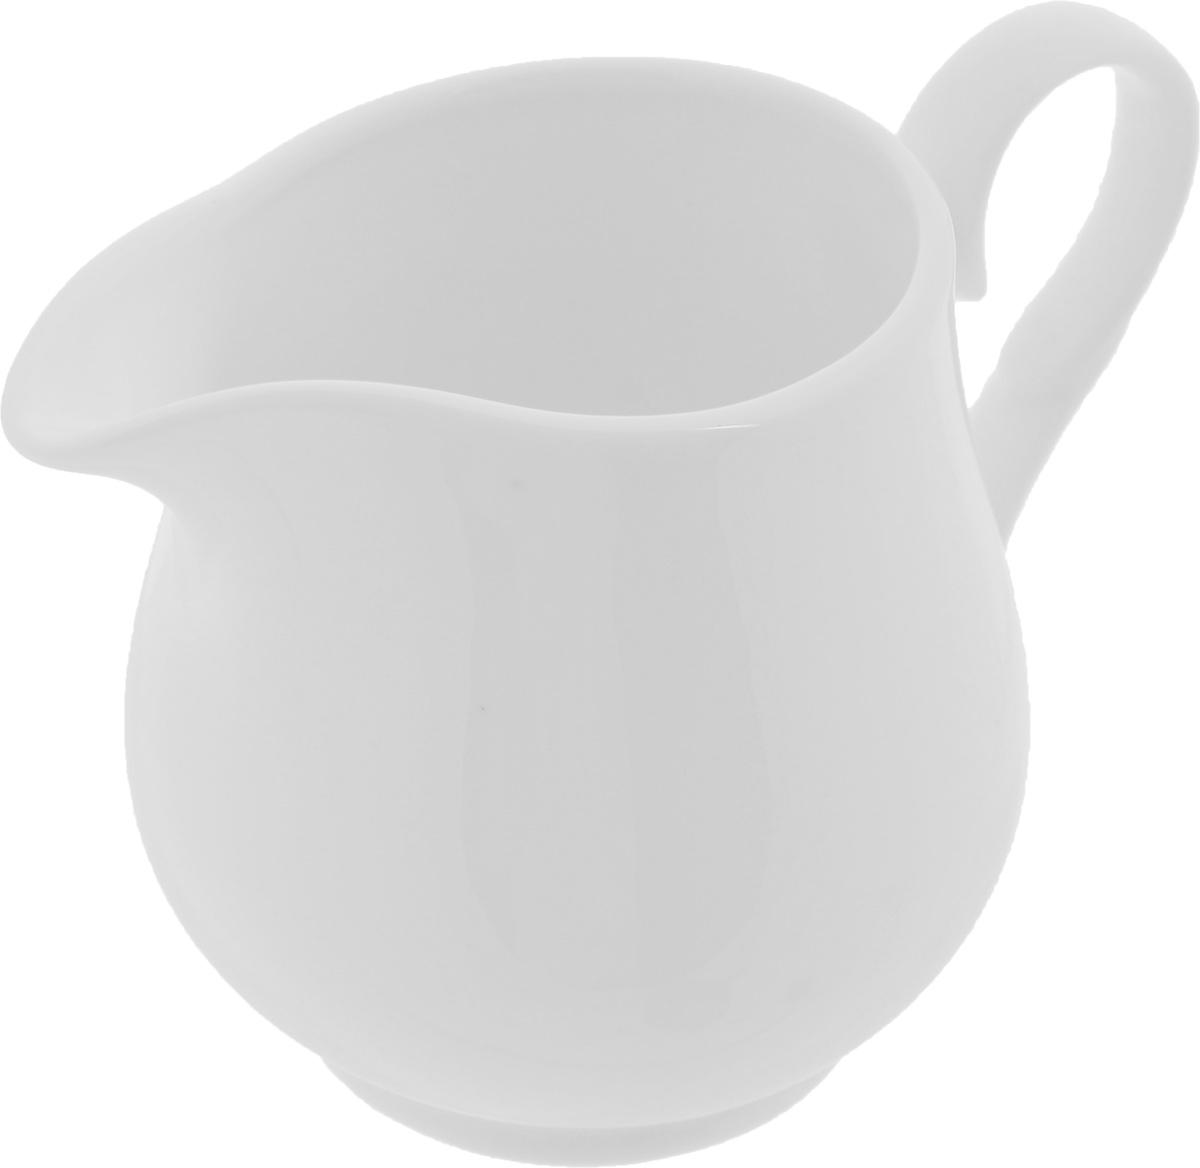 Молочник Wilmax, 300 млWL-995020 / 1CЭлегантный молочник Wilmax, выполненный из высококачественного фарфора с глазурованным покрытием, предназначен для подачи сливок, соуса и молока. Изящный, но в тоже время простой дизайн молочника, станет прекрасным украшением стола. Диаметр молочника по верхнему краю: 6,2 см. Диаметр основания: 5,5 см. Высота молочника: 9 см.